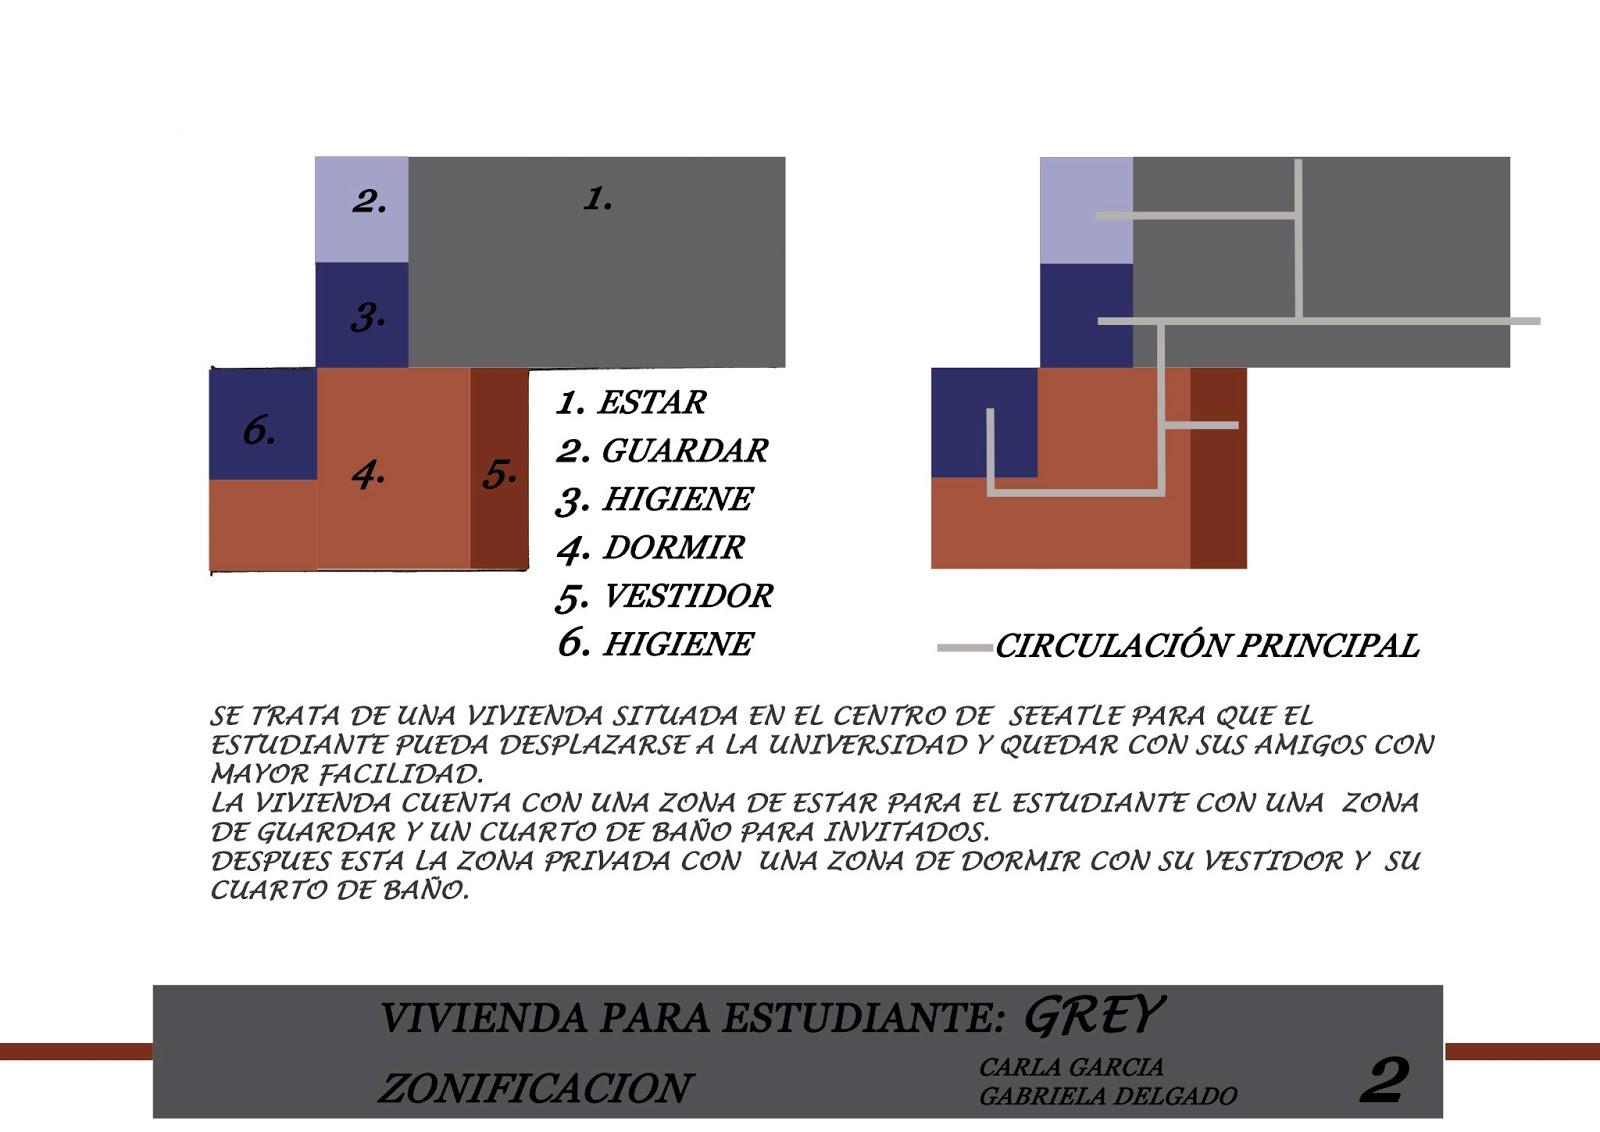 Gabriela delgado proyecto vivienda para estudiante for Zonificacion arquitectonica